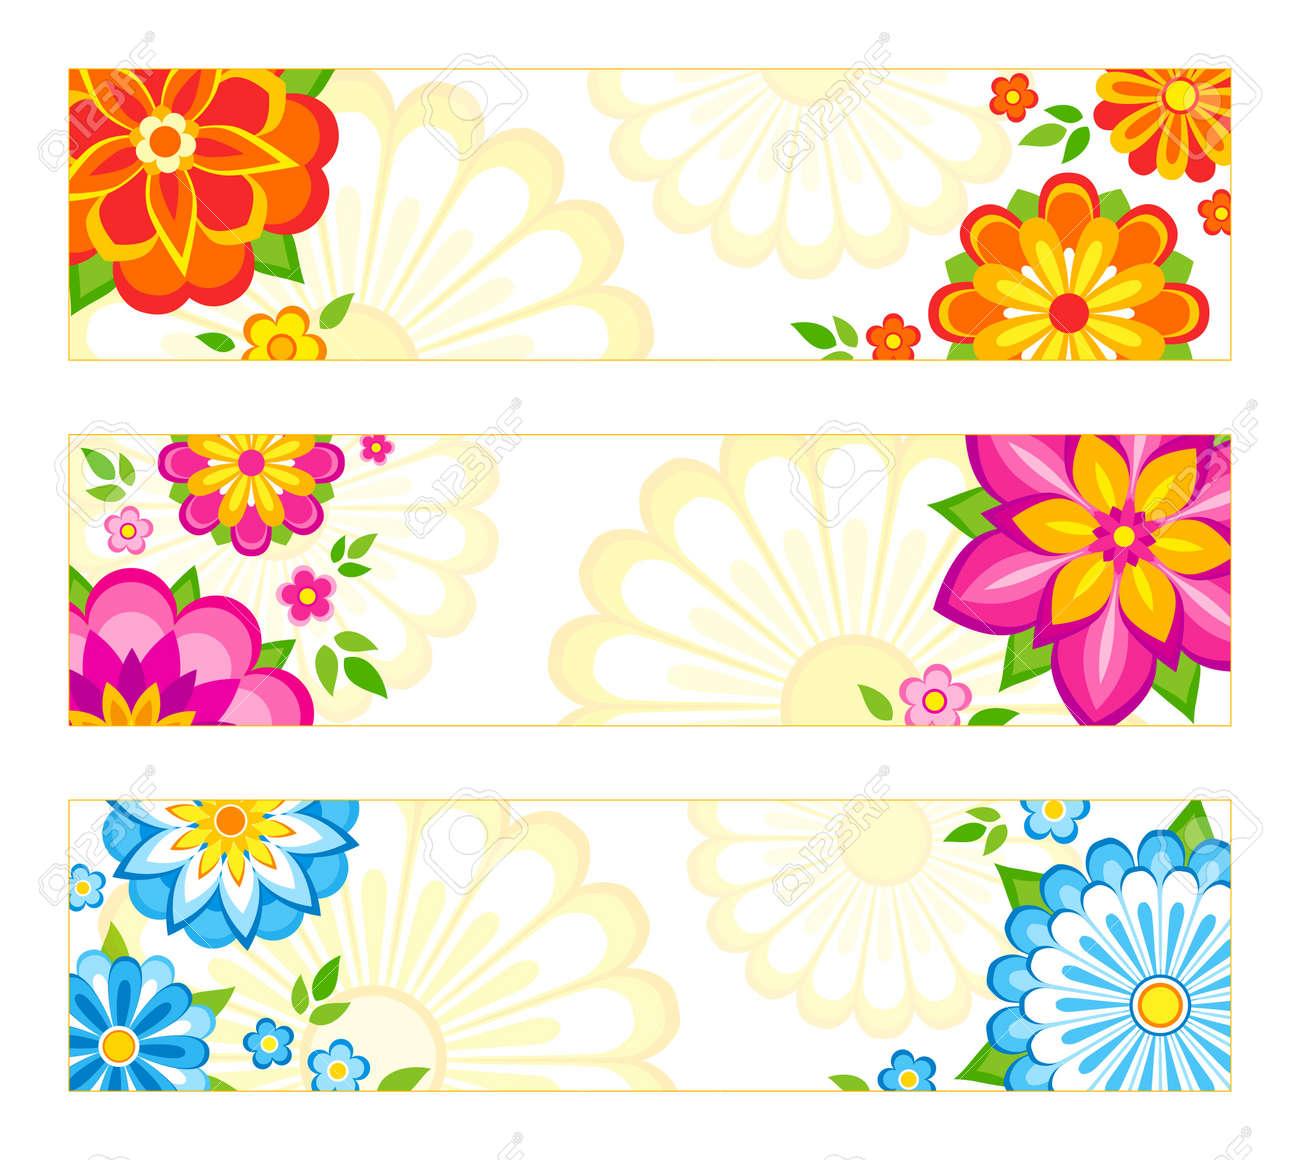 3 明るいバナー デザイン花とのセットです。 ロイヤリティフリークリップ